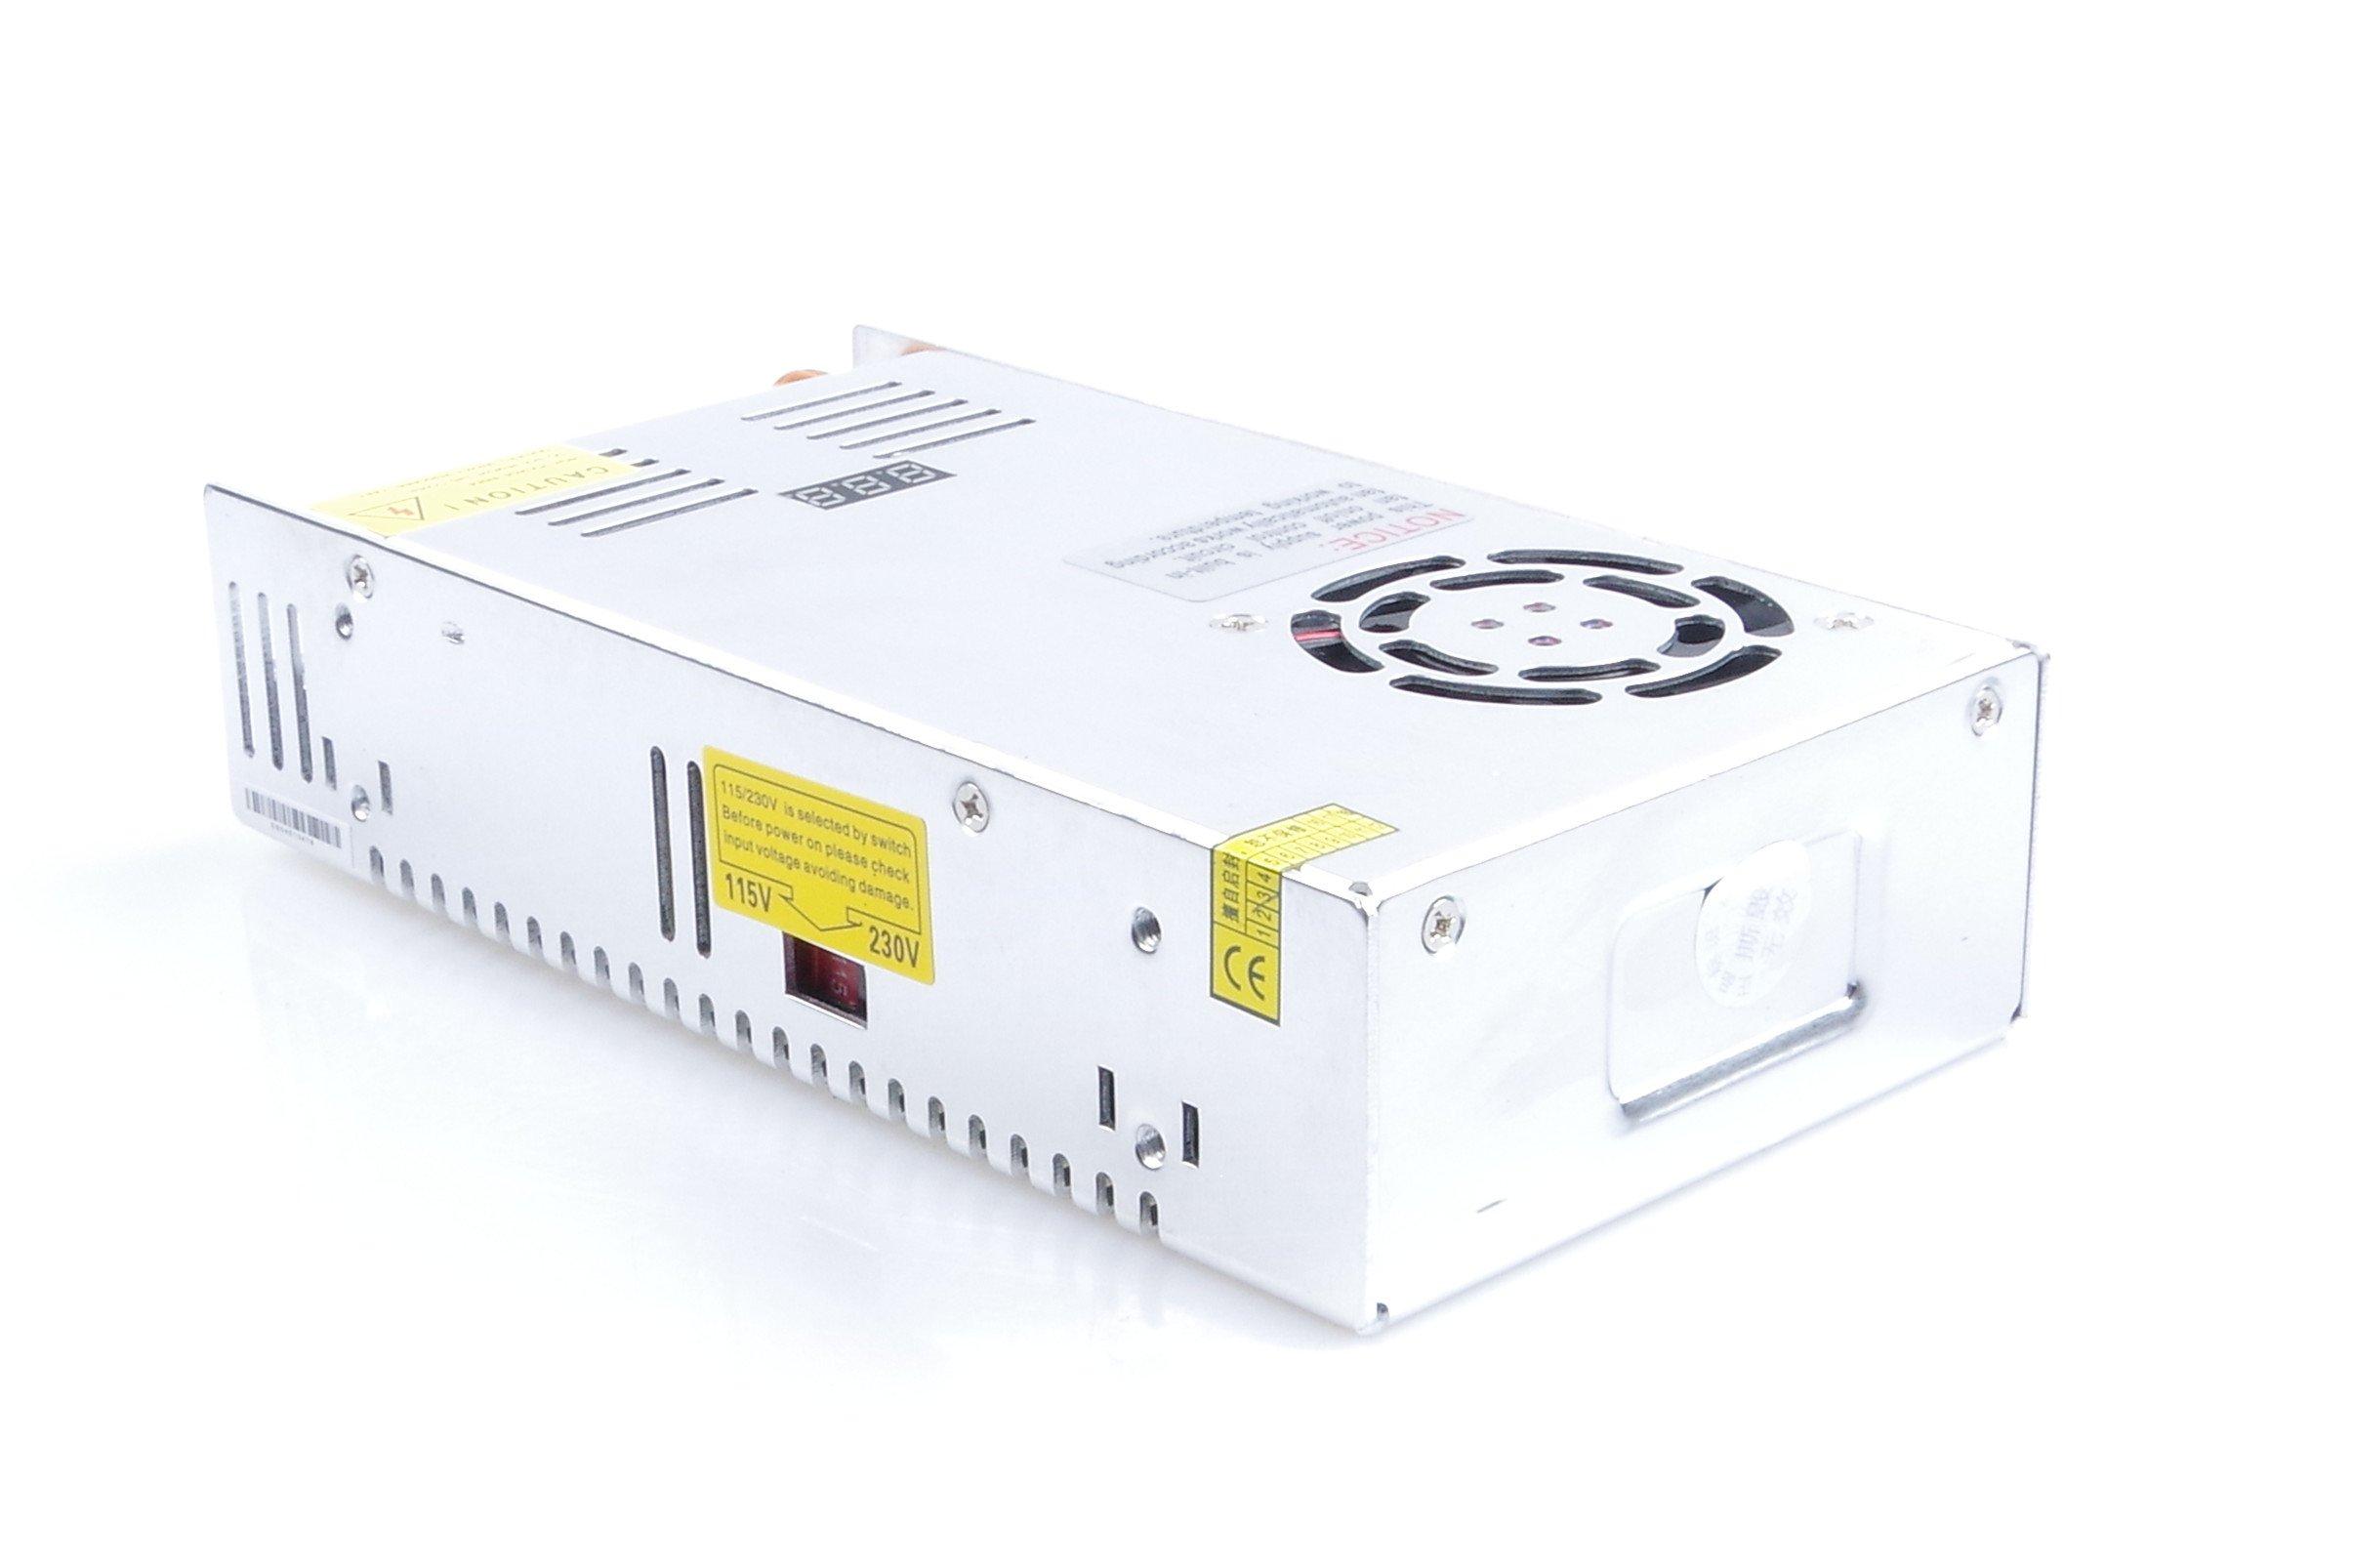 Adjustable DC Power Voltage Converter AC 110V-220V to DC 0-80V Module 80V 6A Switching Power Supply Digital Display 480W Voltage Regulator Transformer Built in Cooling Fan (DC 0-80V 6A) by TOFKE (Image #8)